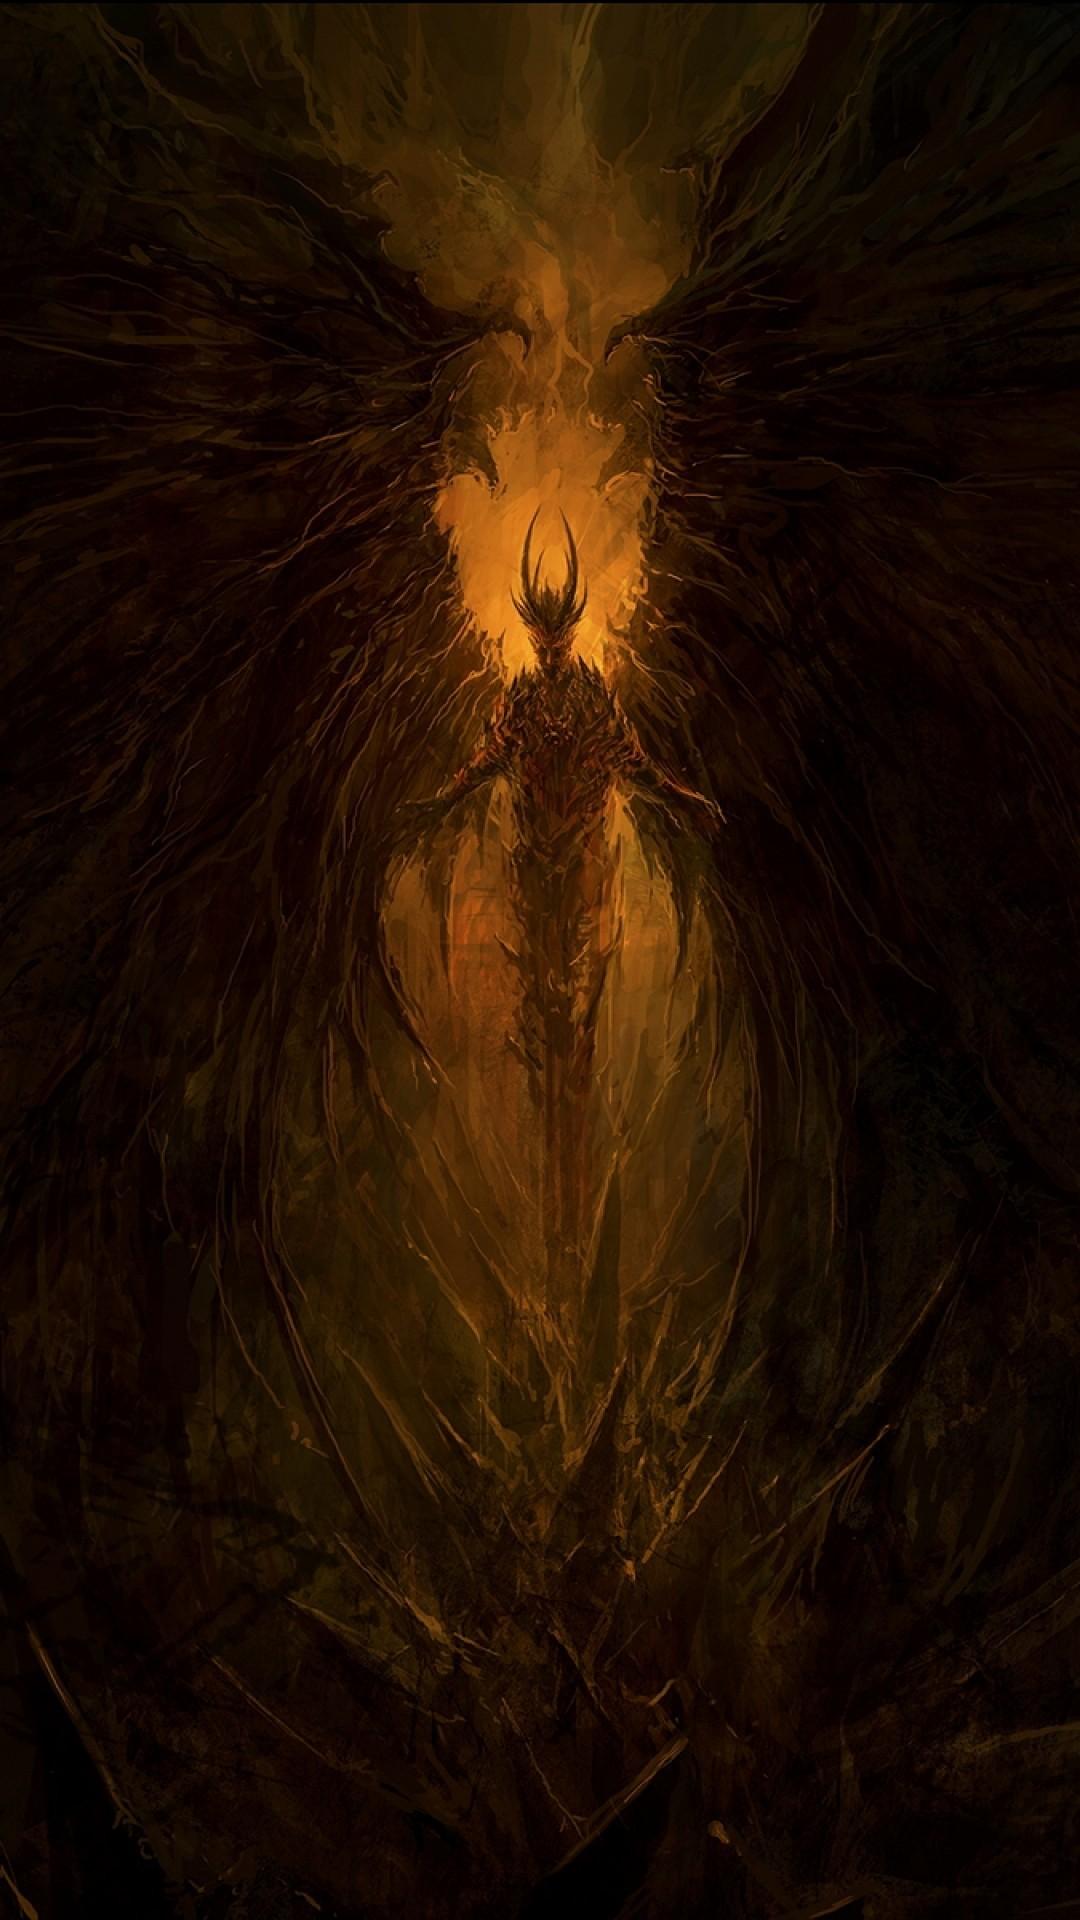 1920x1200 Satanic HD Wallpaper 1920x1080 ID46401